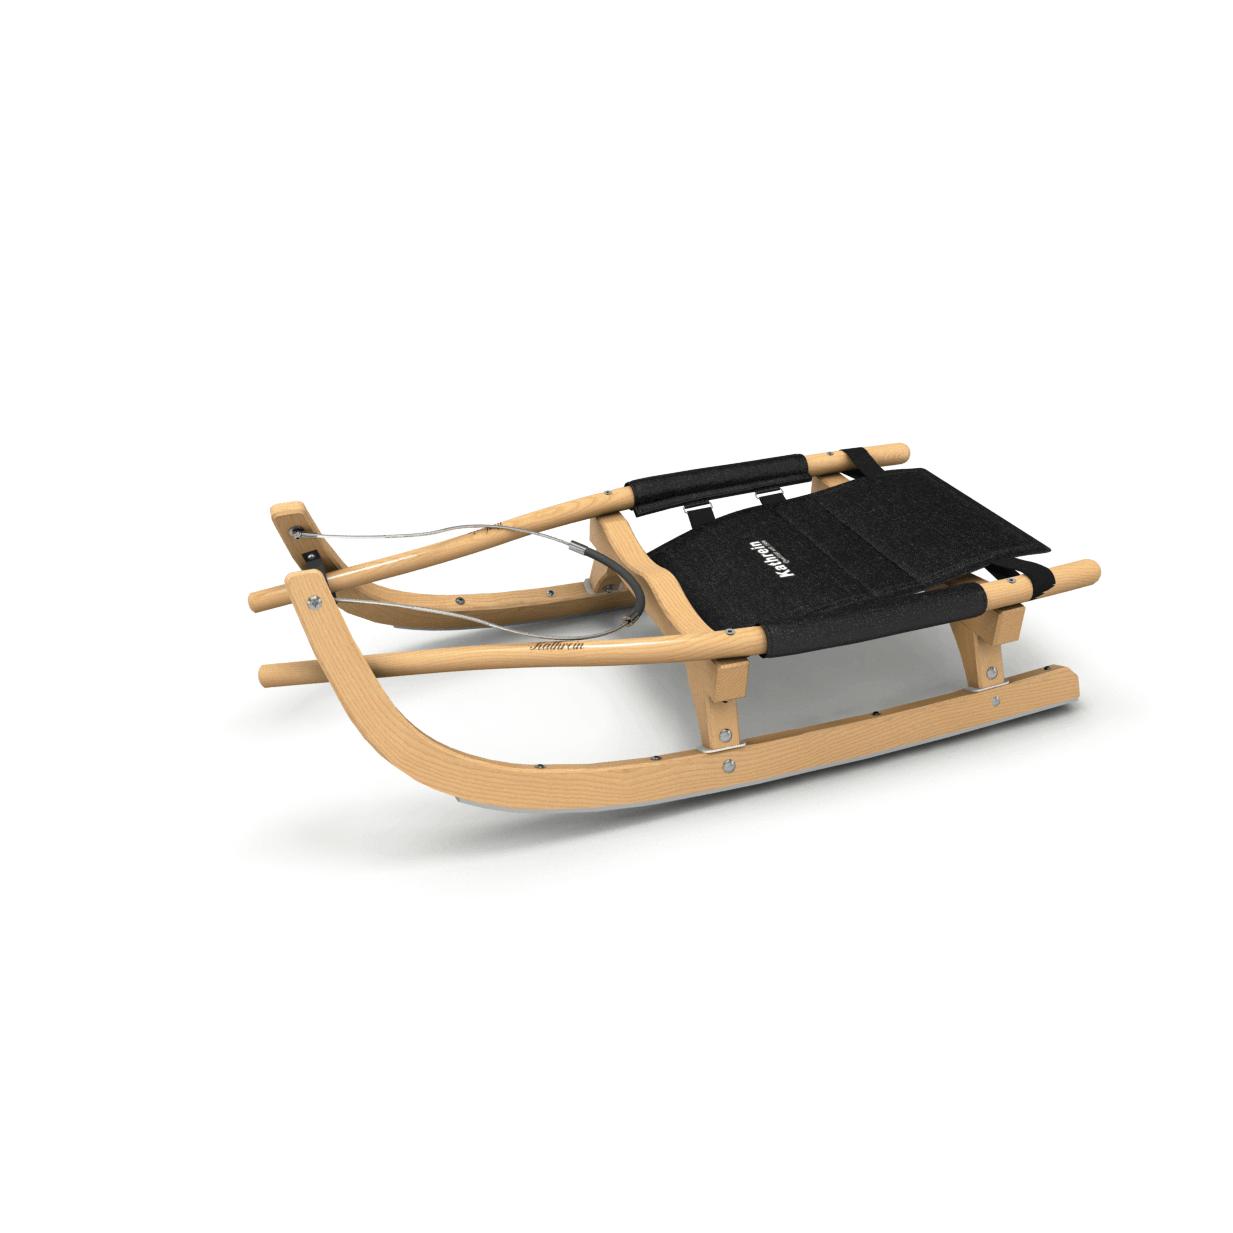 rennsportrodel jugend f r 9 bis 13 j hrige bis max. Black Bedroom Furniture Sets. Home Design Ideas